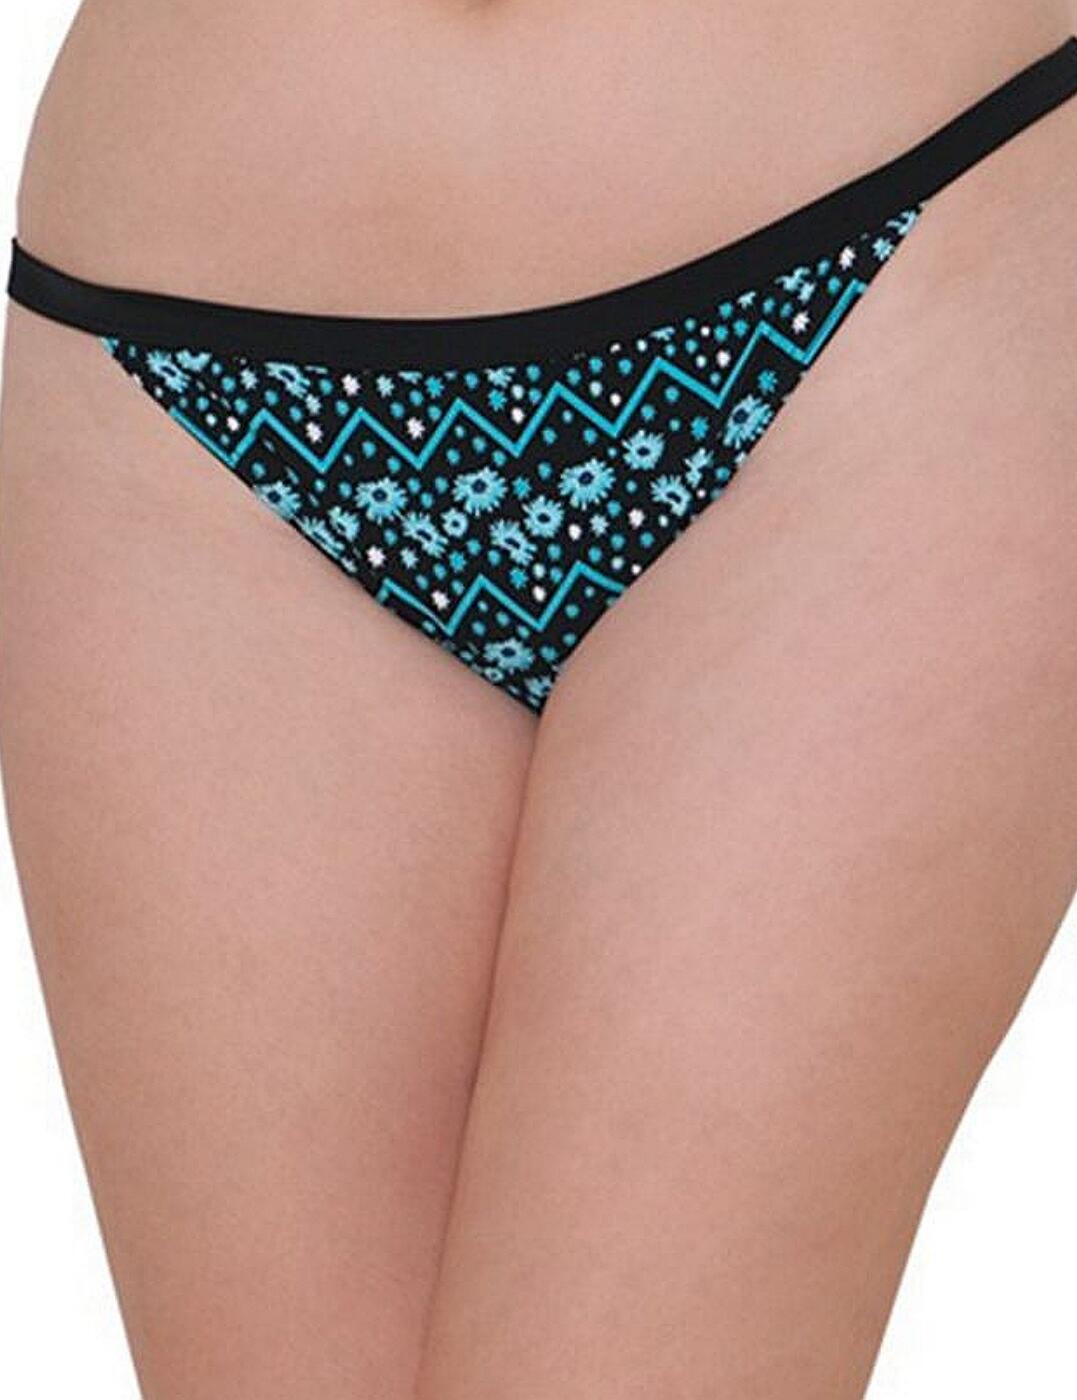 07b56d3875 Curvy Kate Swimwear Reflex Mini Bikini Brief Bottoms Pant CS3805 ...